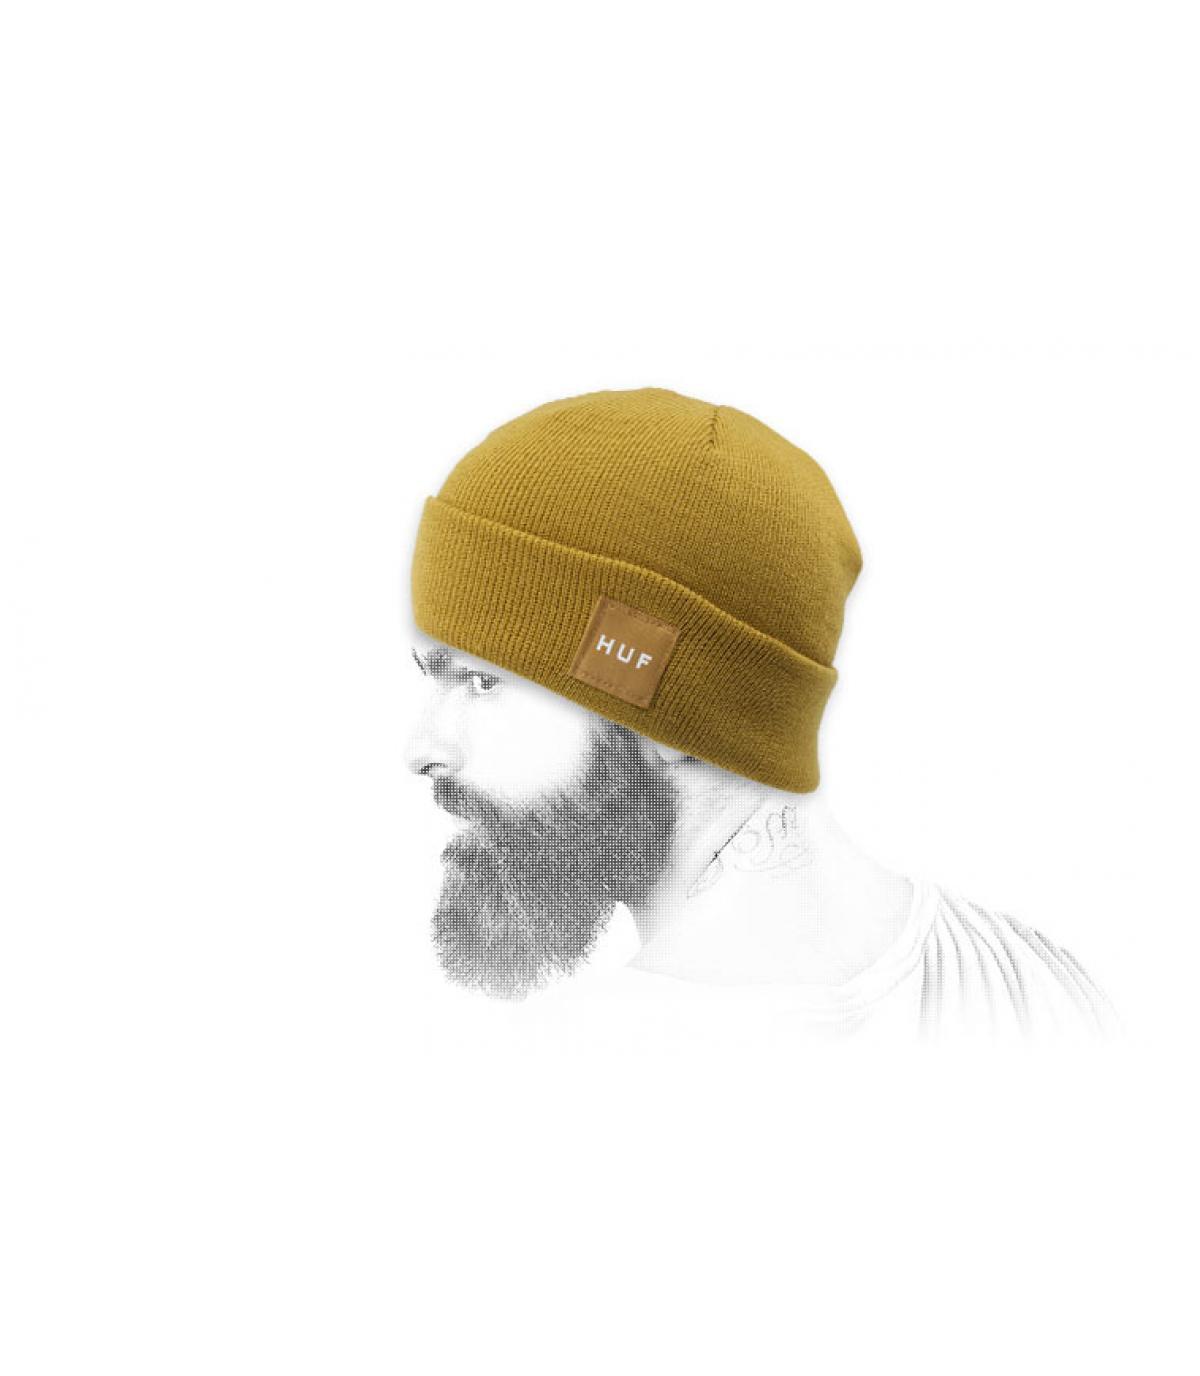 bonnet revers Huf jaune